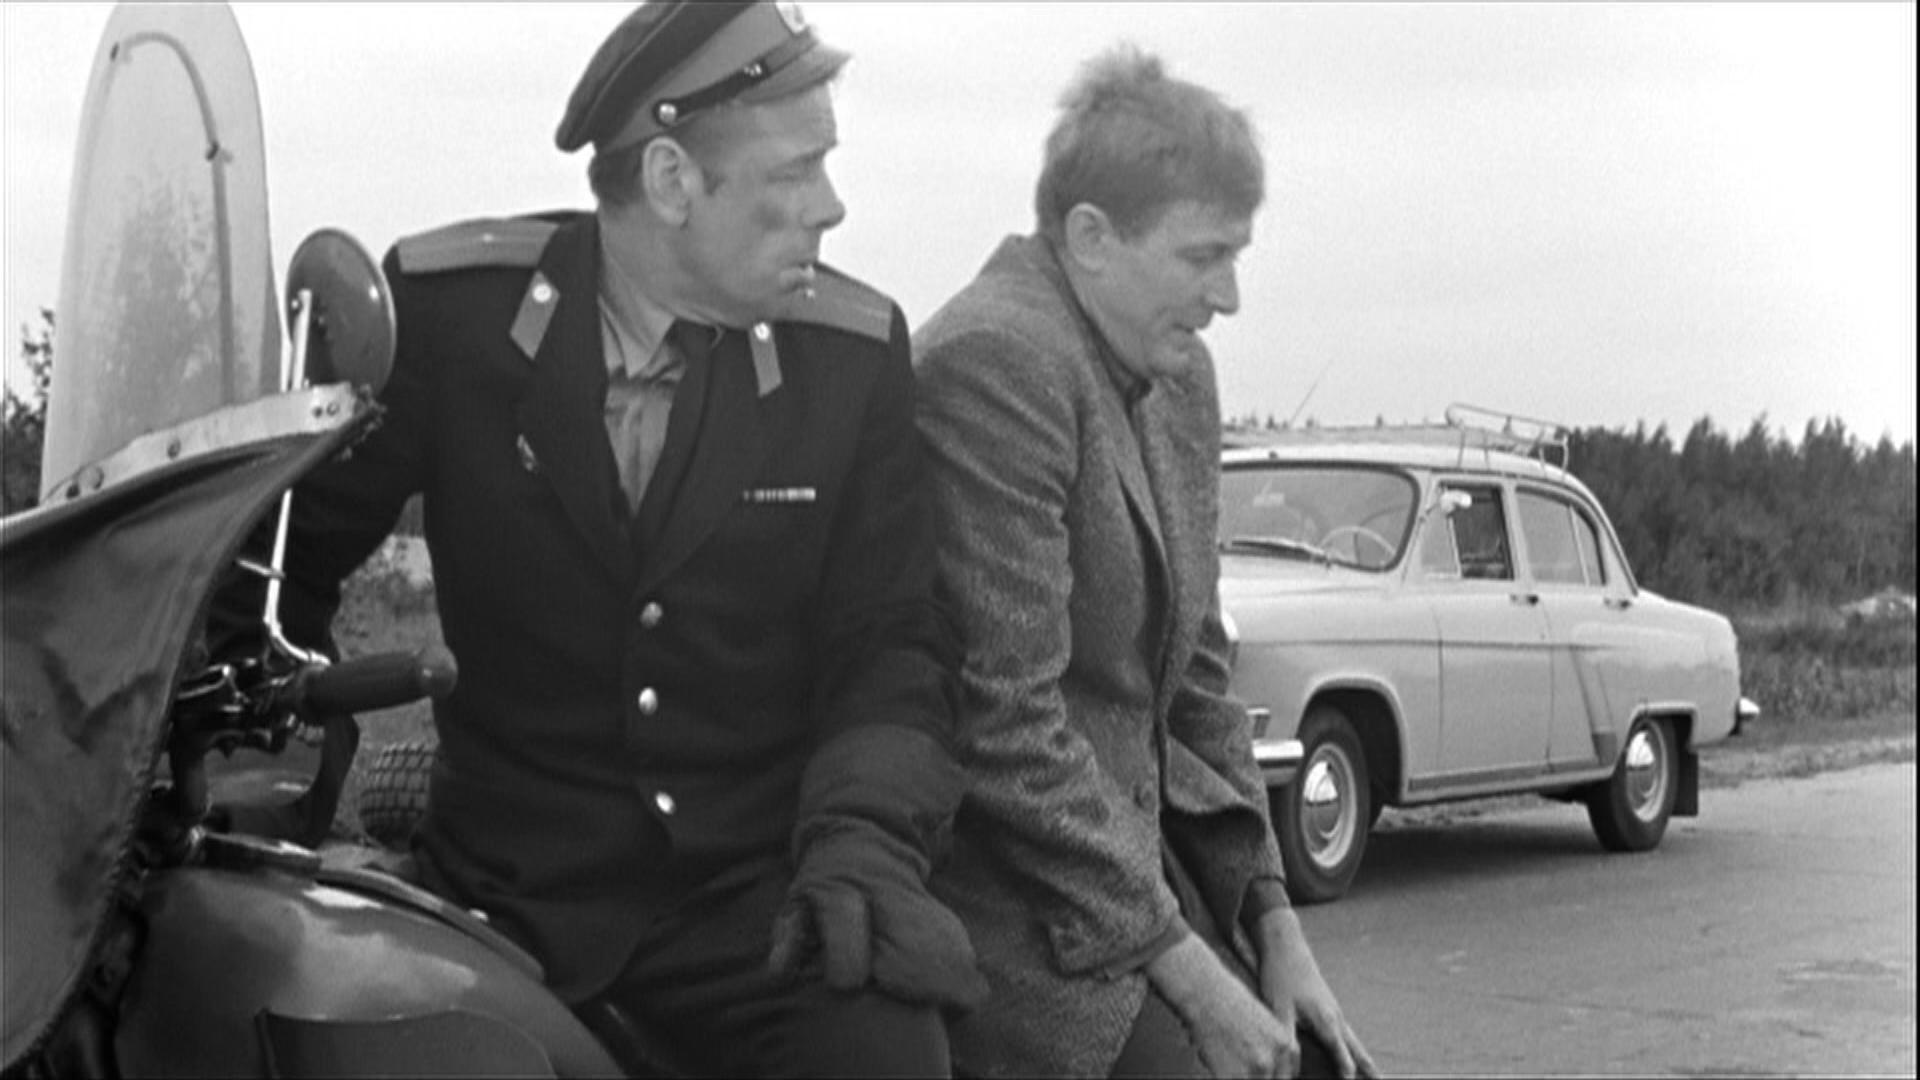 Кадр из фильма Берегись автомобиля